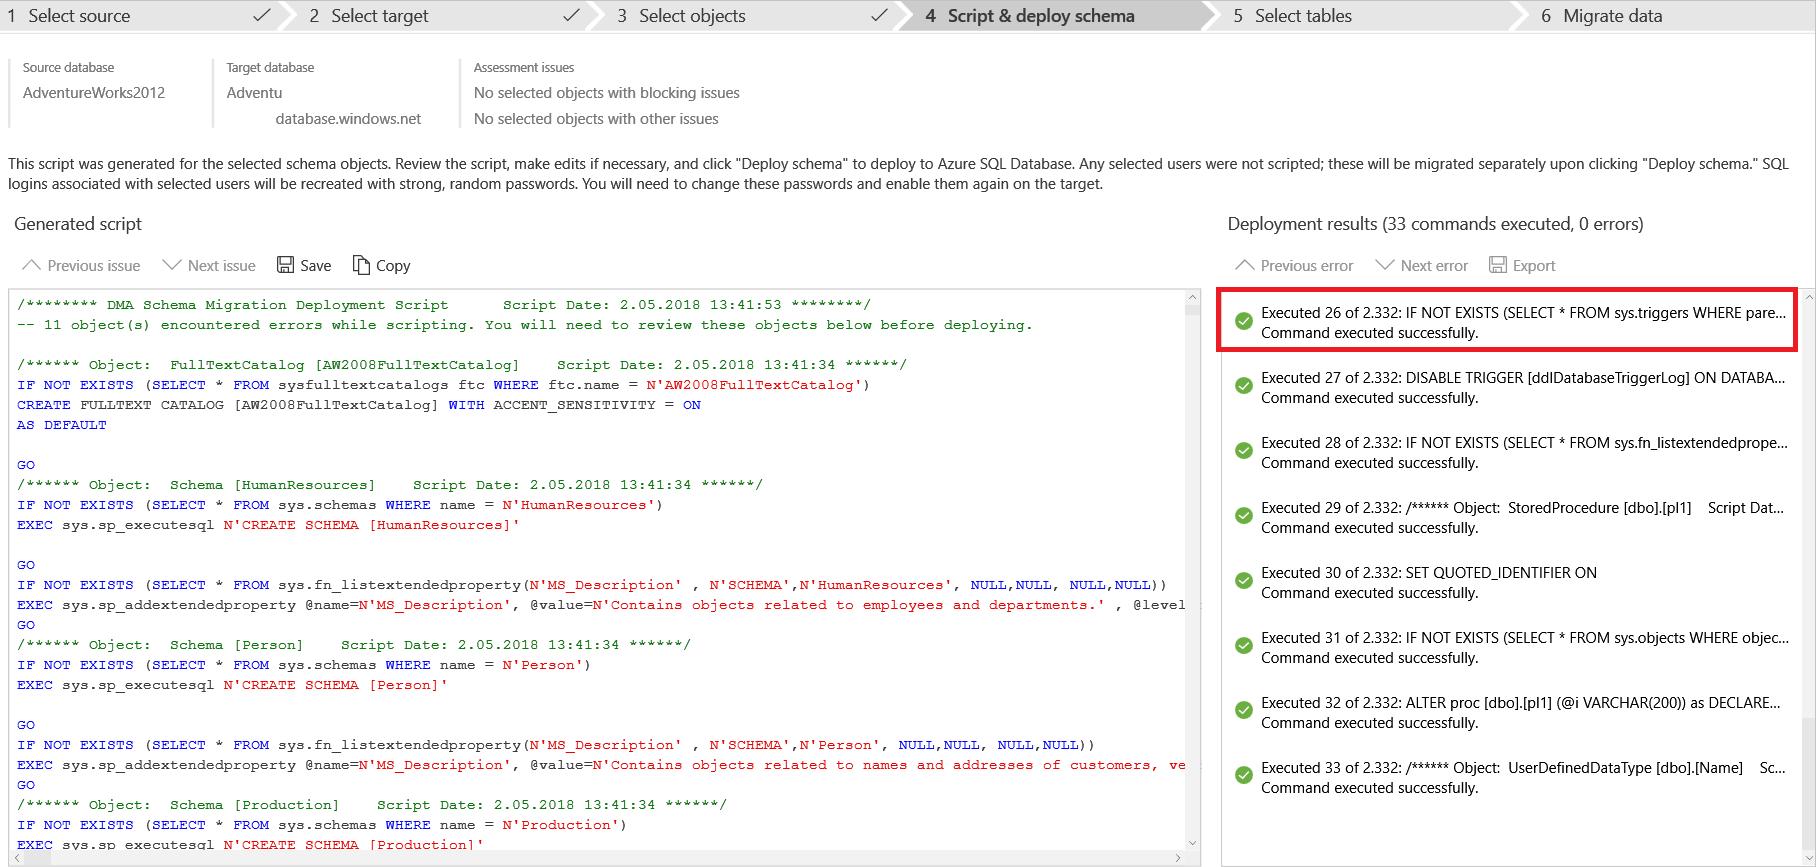 Script & deploy schema